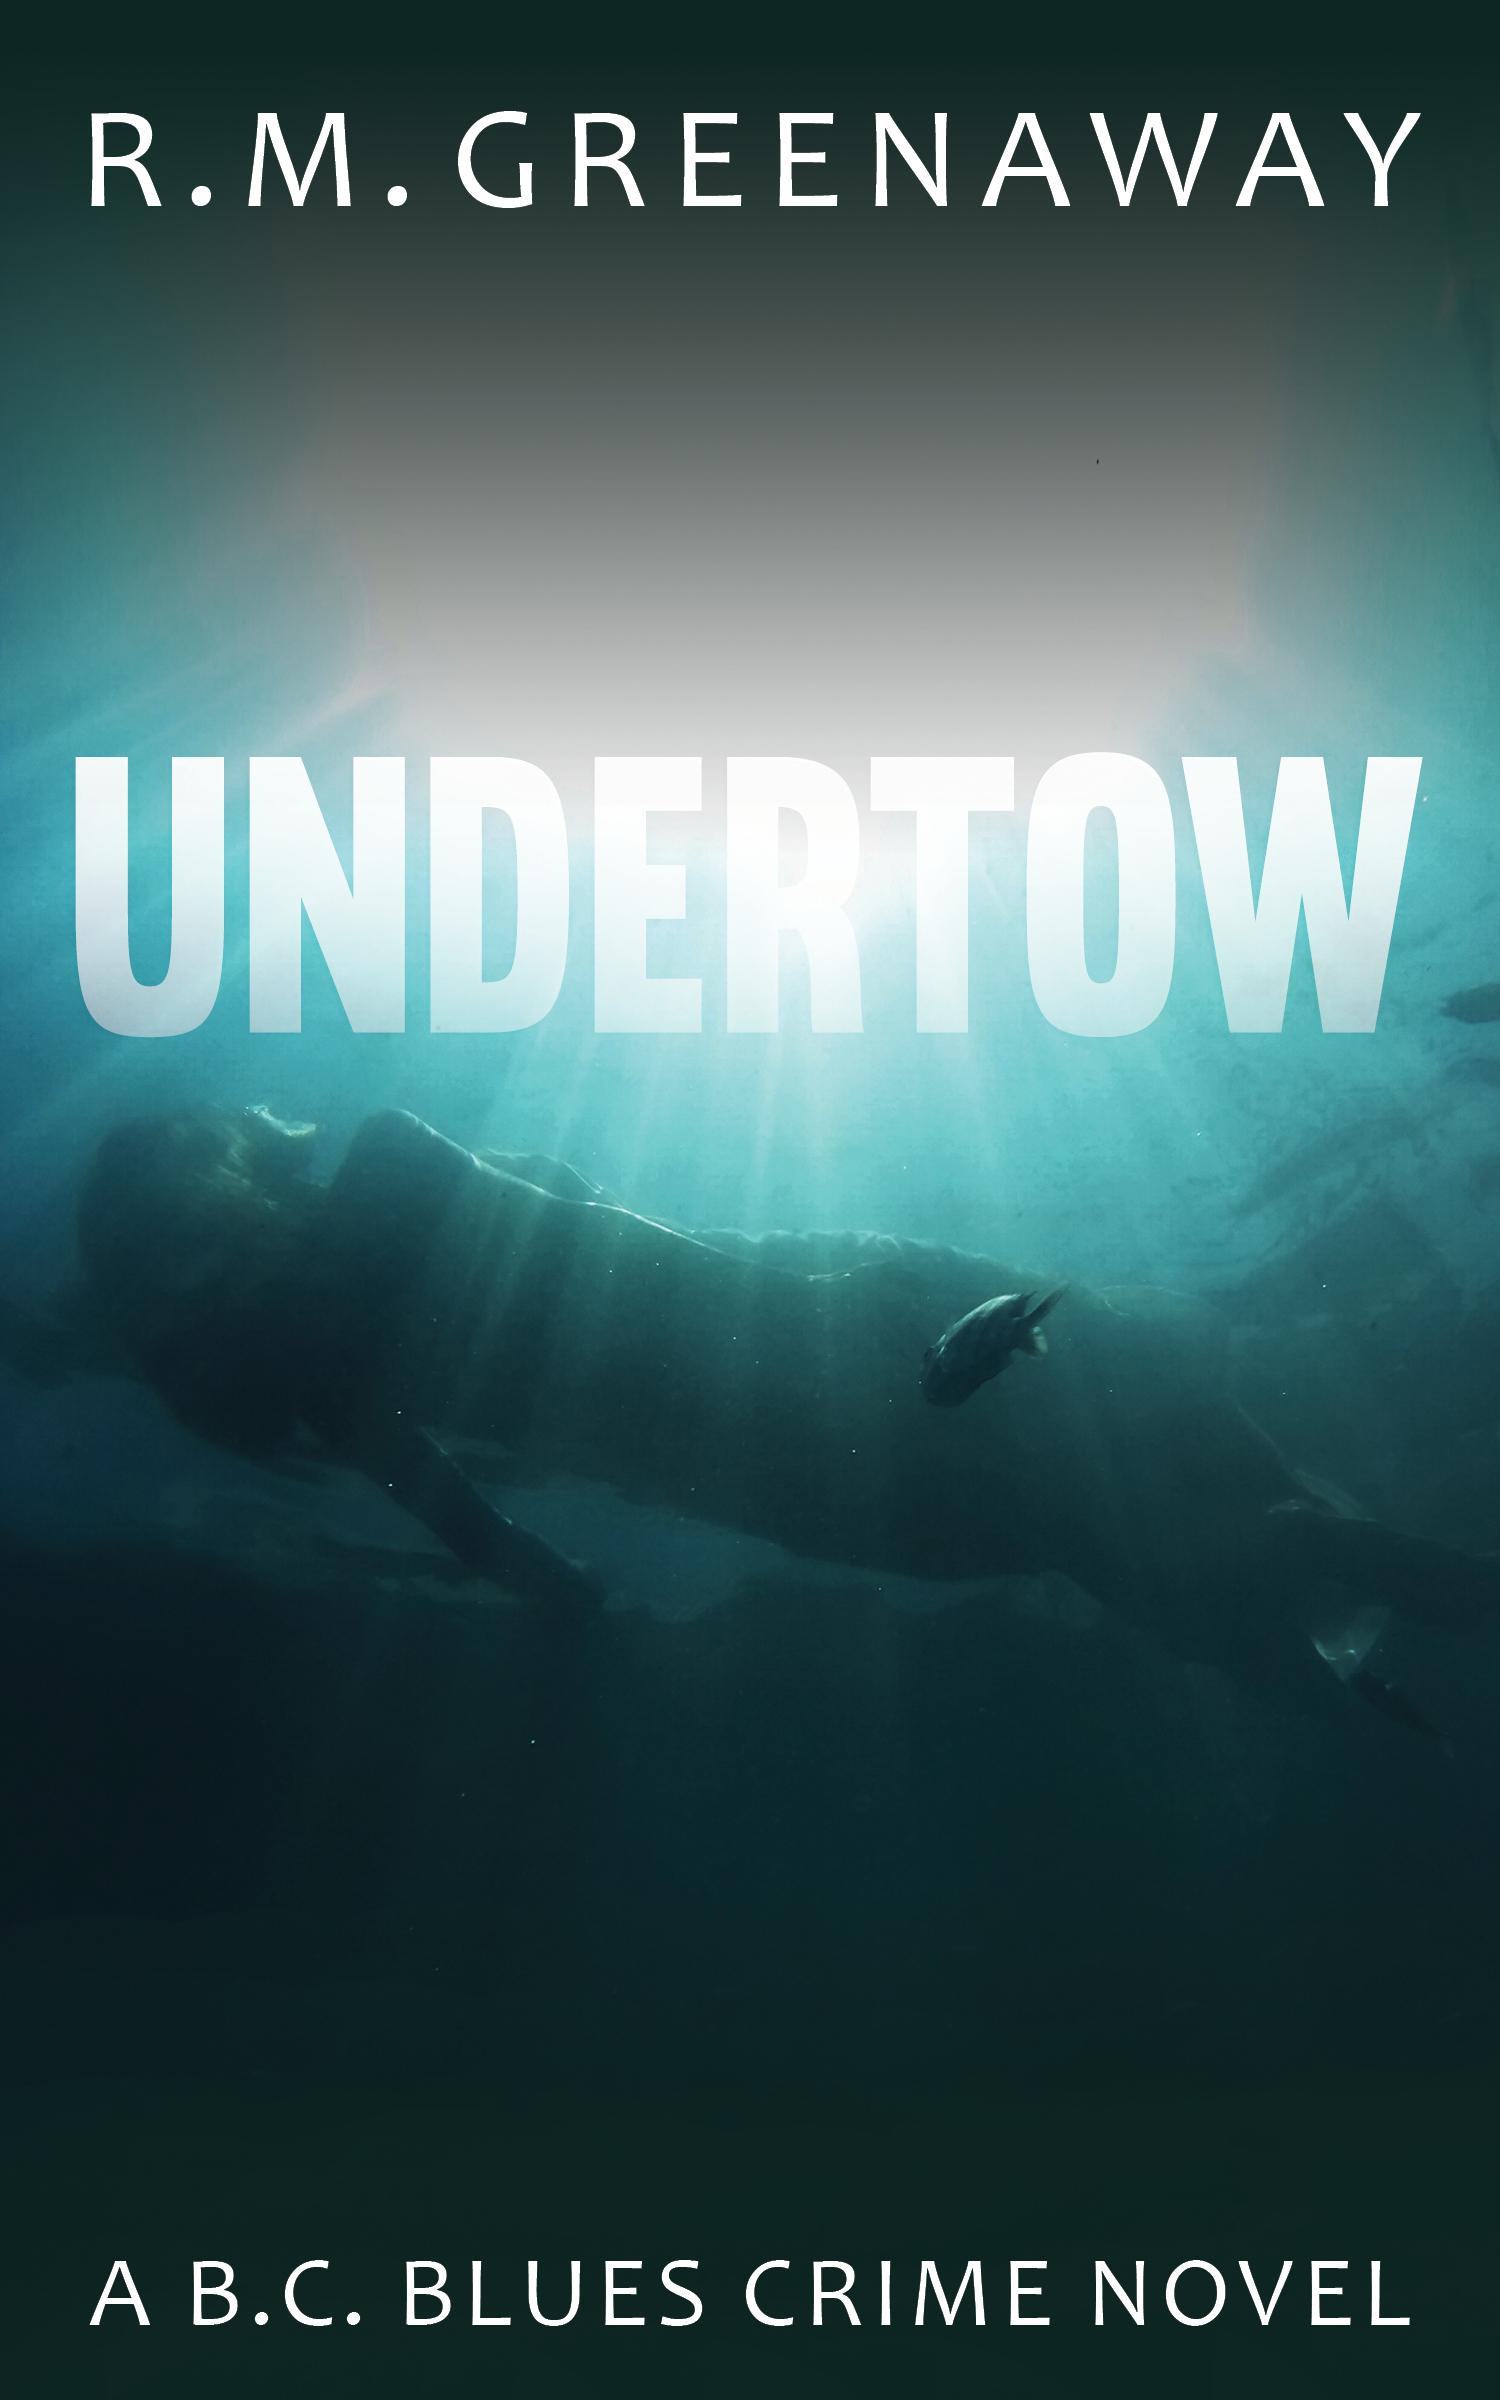 Undertow A B.C. Blues Crime Novel